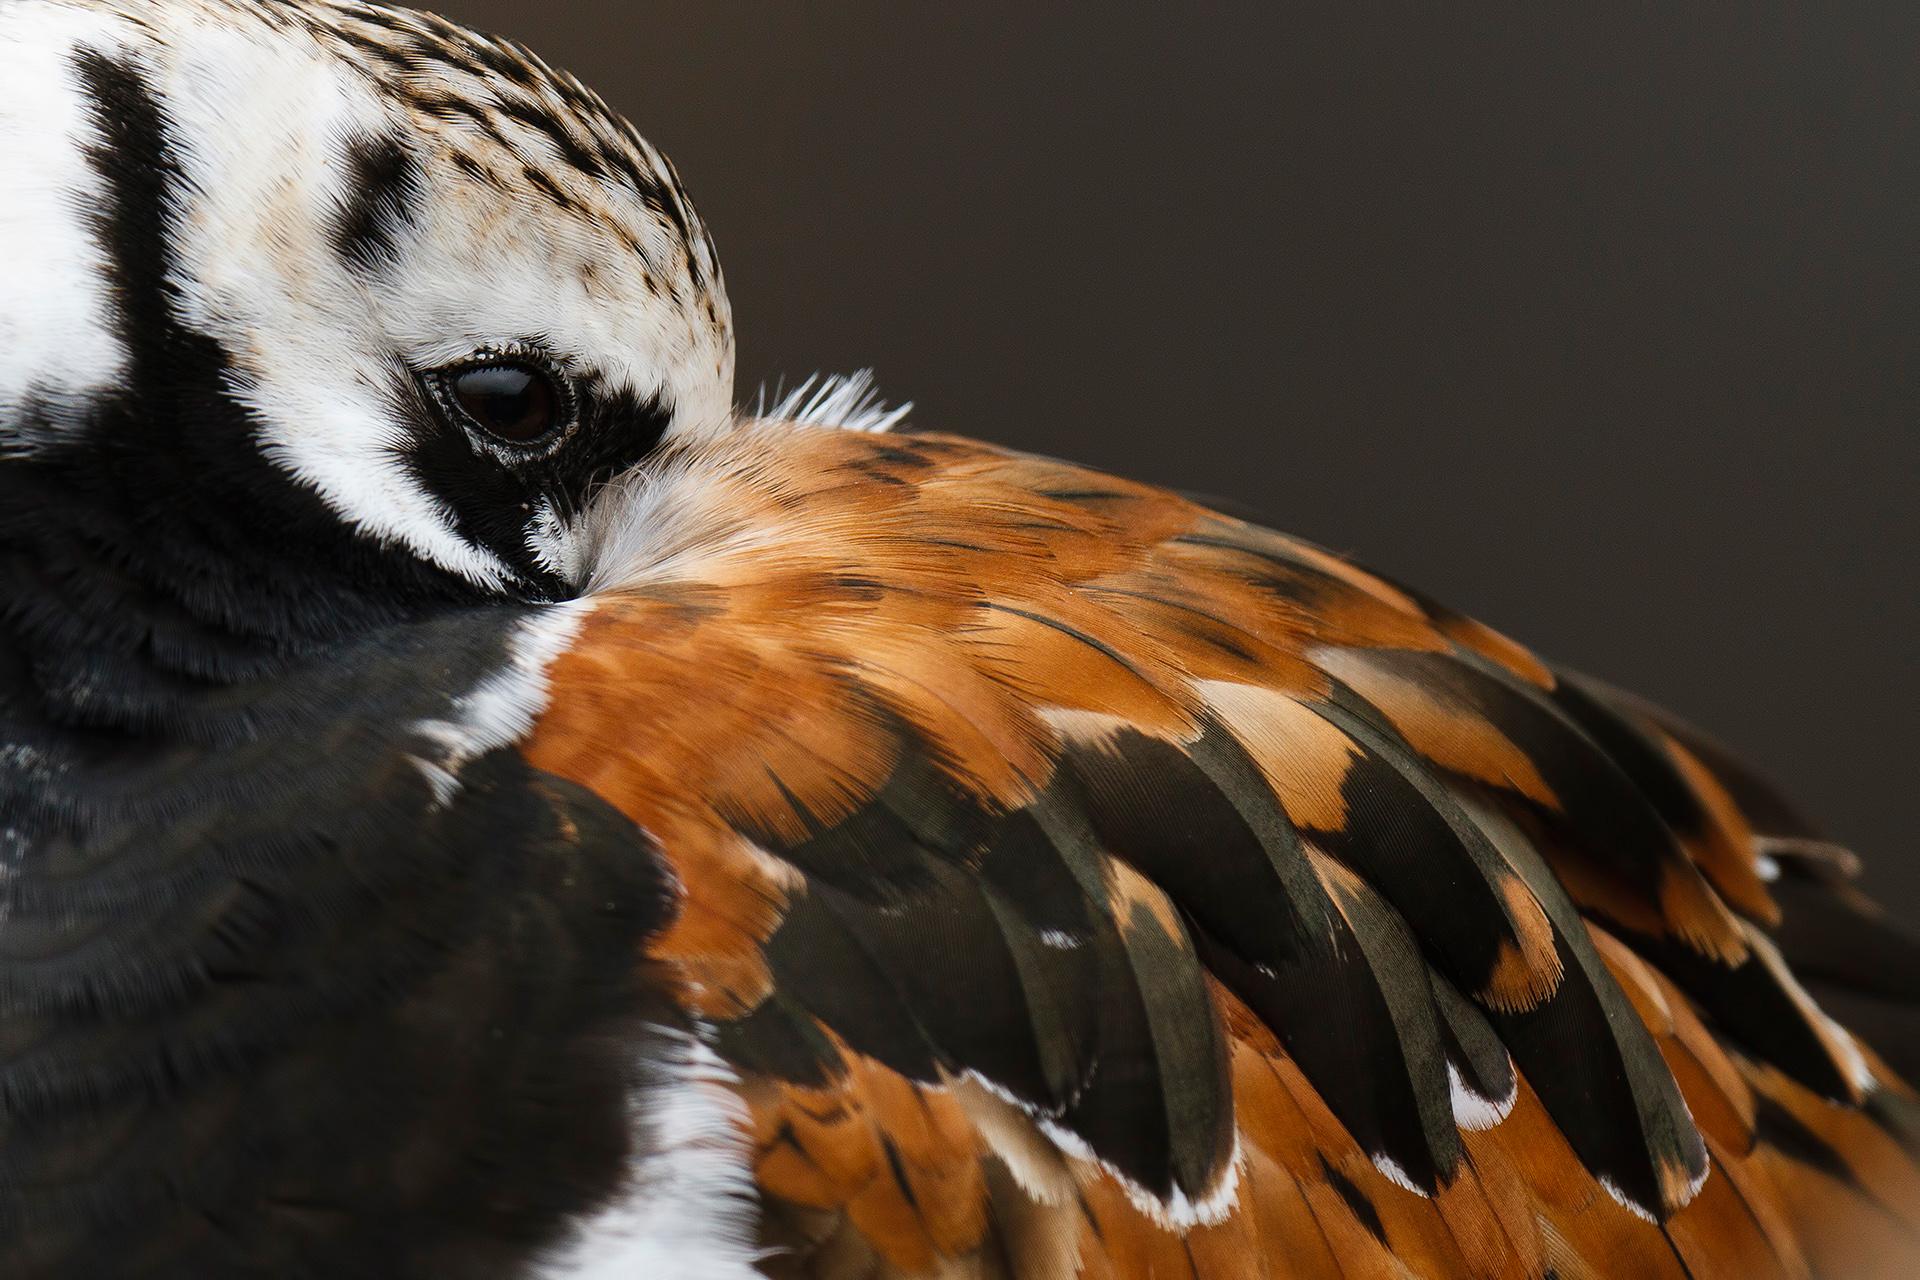 Mirada de vuelvepiedras - Mario Suarez - Portfolio Natural, Fotografía de Naturaleza de Autor